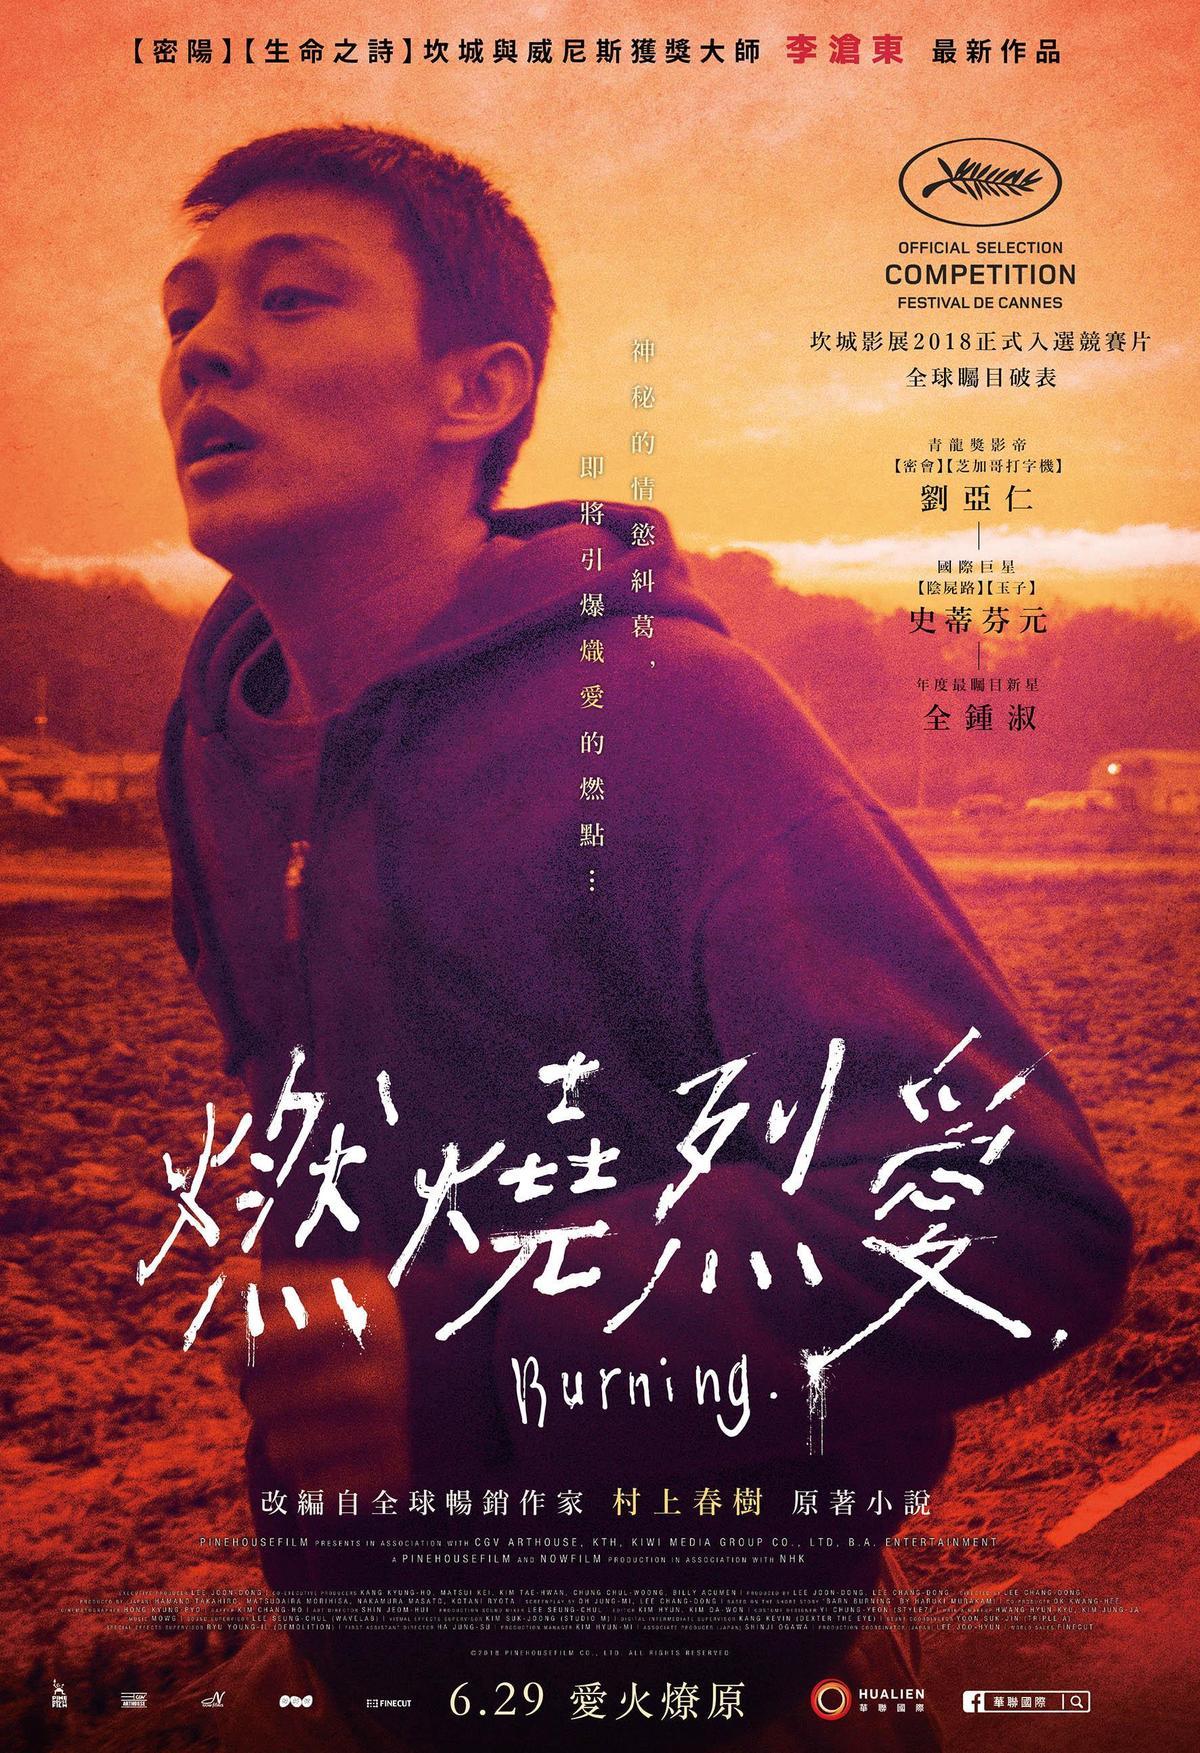 韓國大師級導演李滄東隔8年推出新作《燃燒烈愛》,將於6月29日上映。(華聯國際提供)